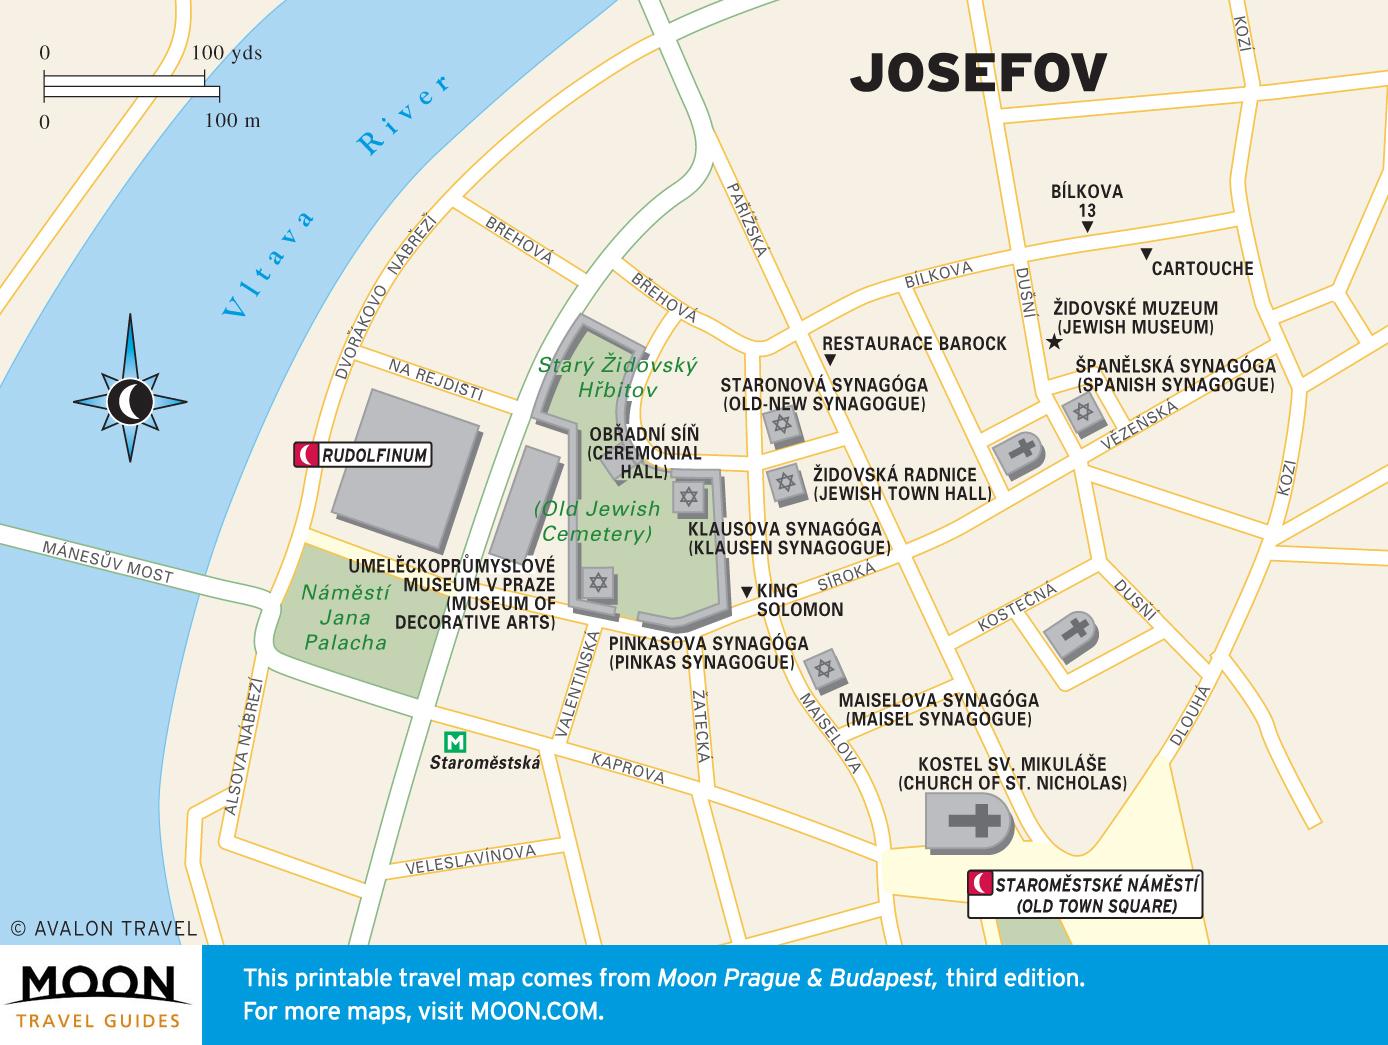 budapest jewish quarter map Prague Budapest Moon Travel Guides budapest jewish quarter map